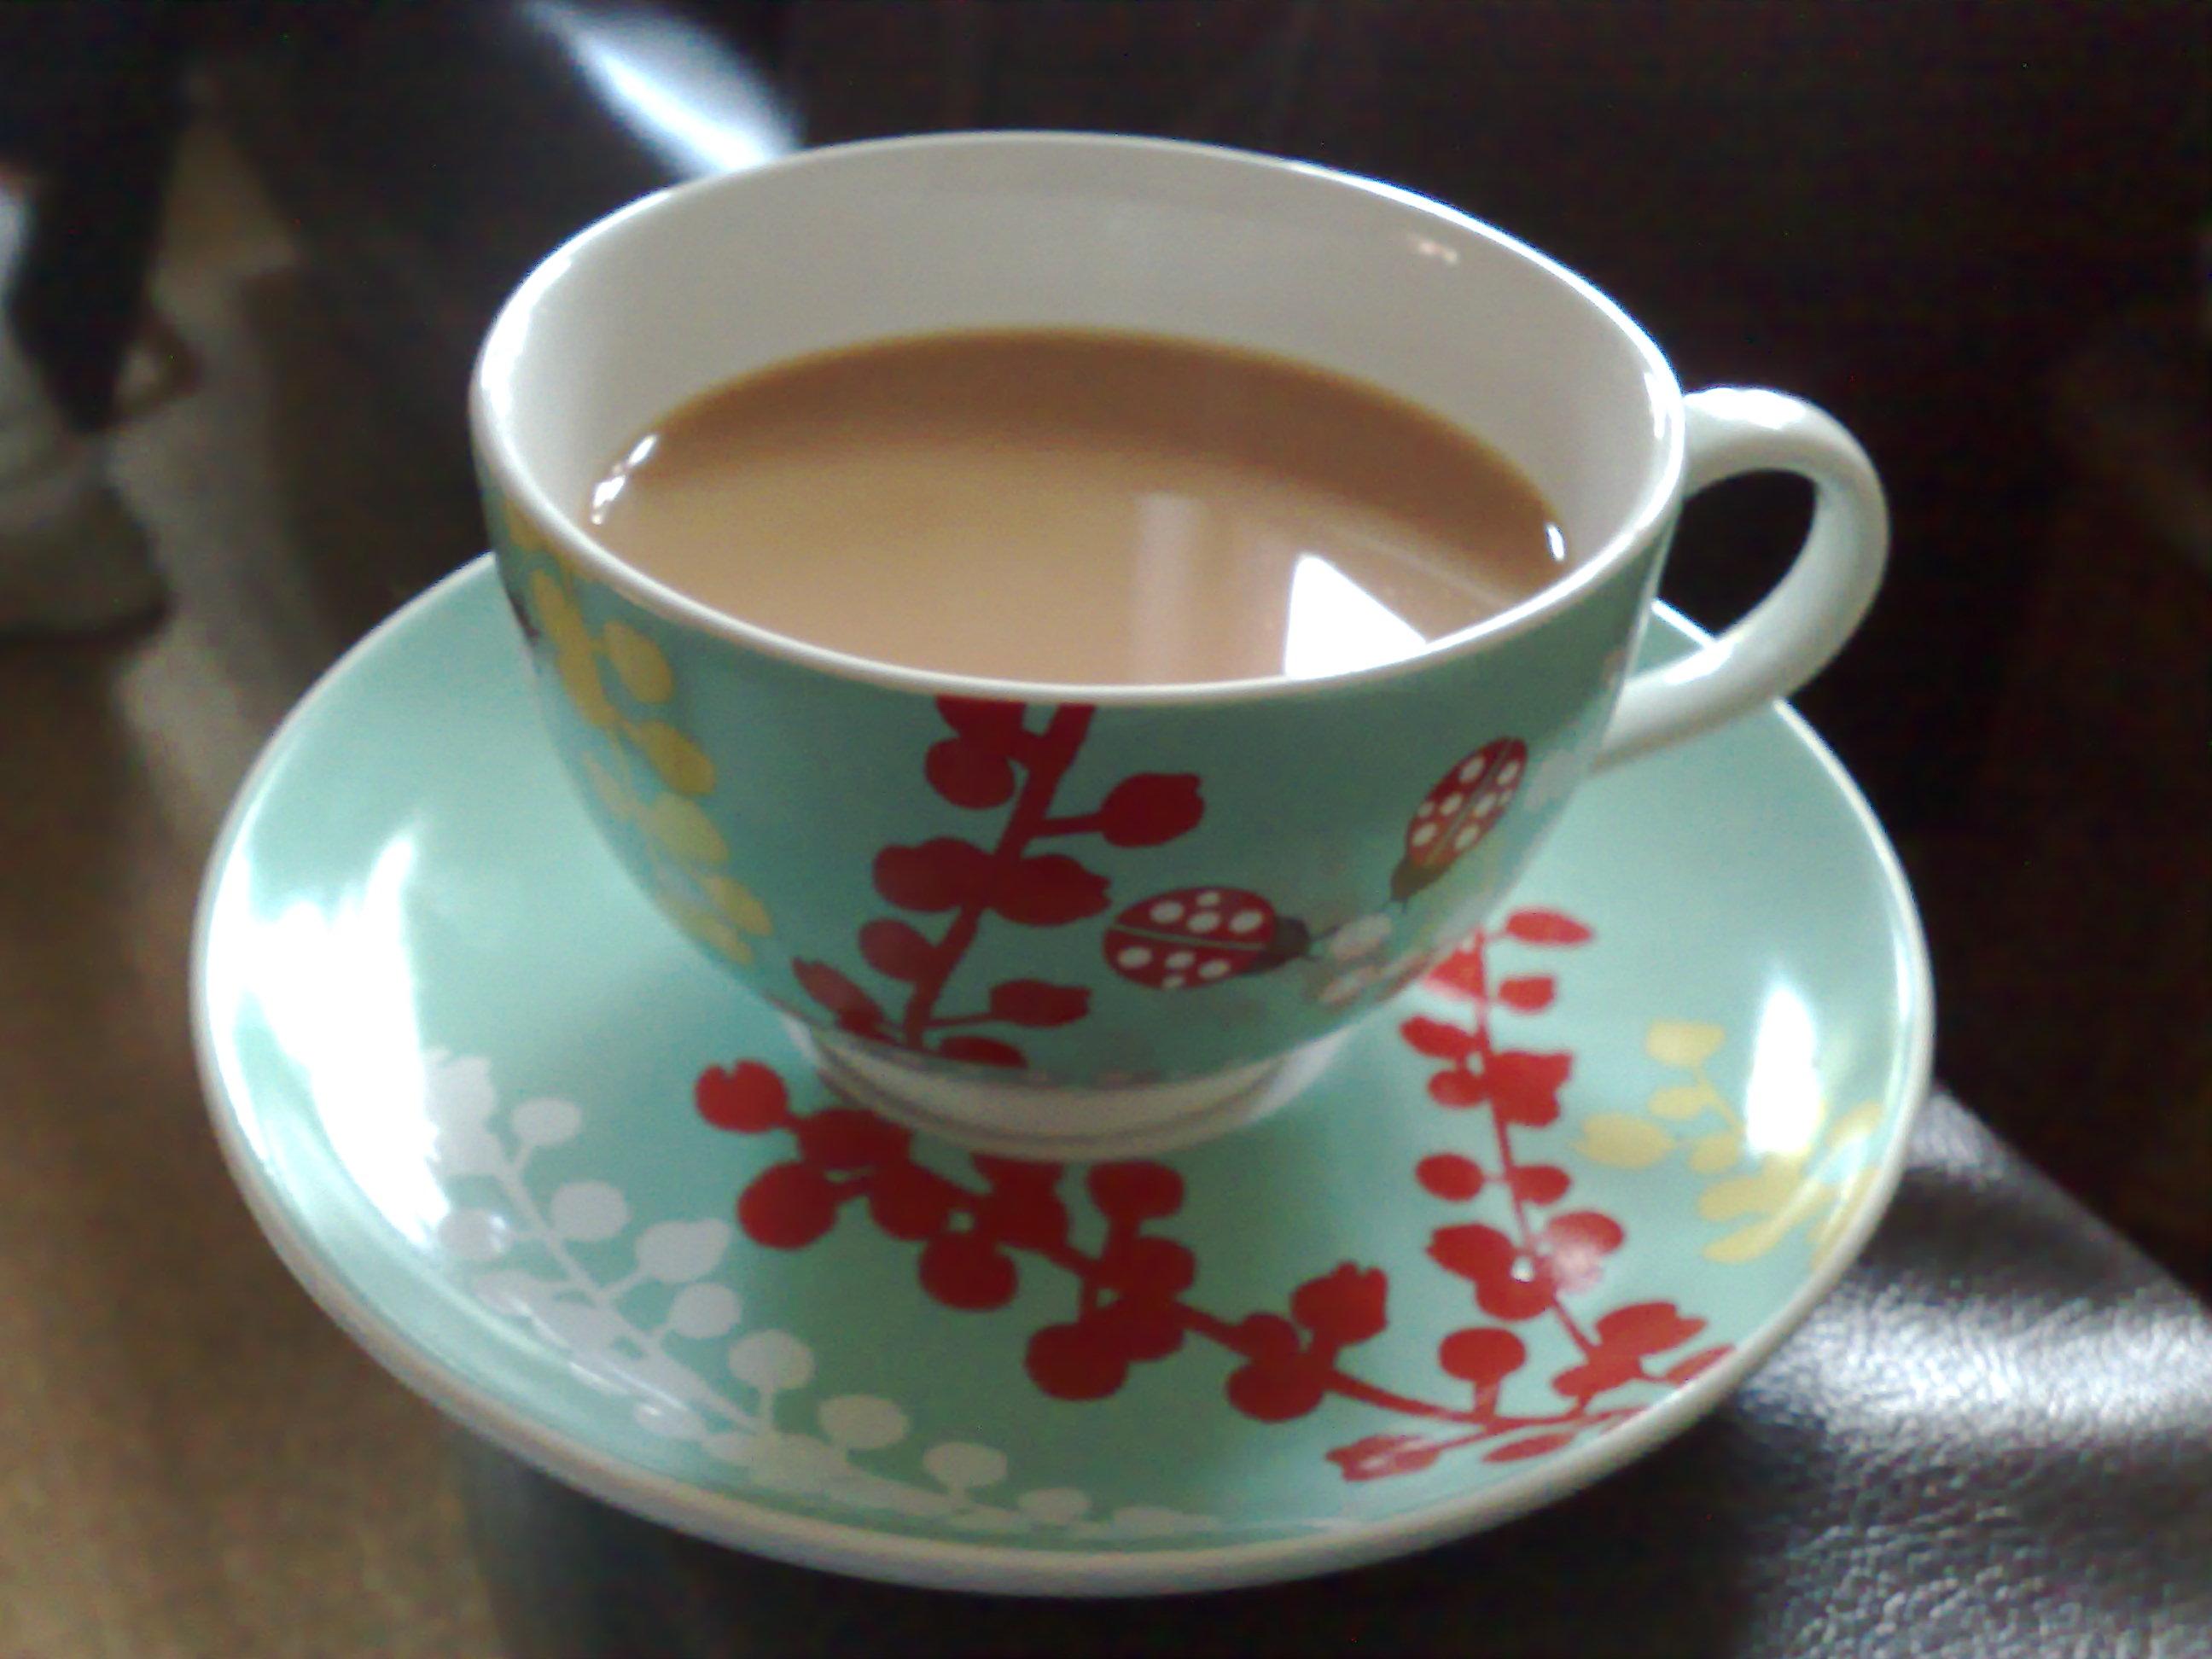 Cup of Tea Wallpaper Freetopwallpapercom 2592x1944